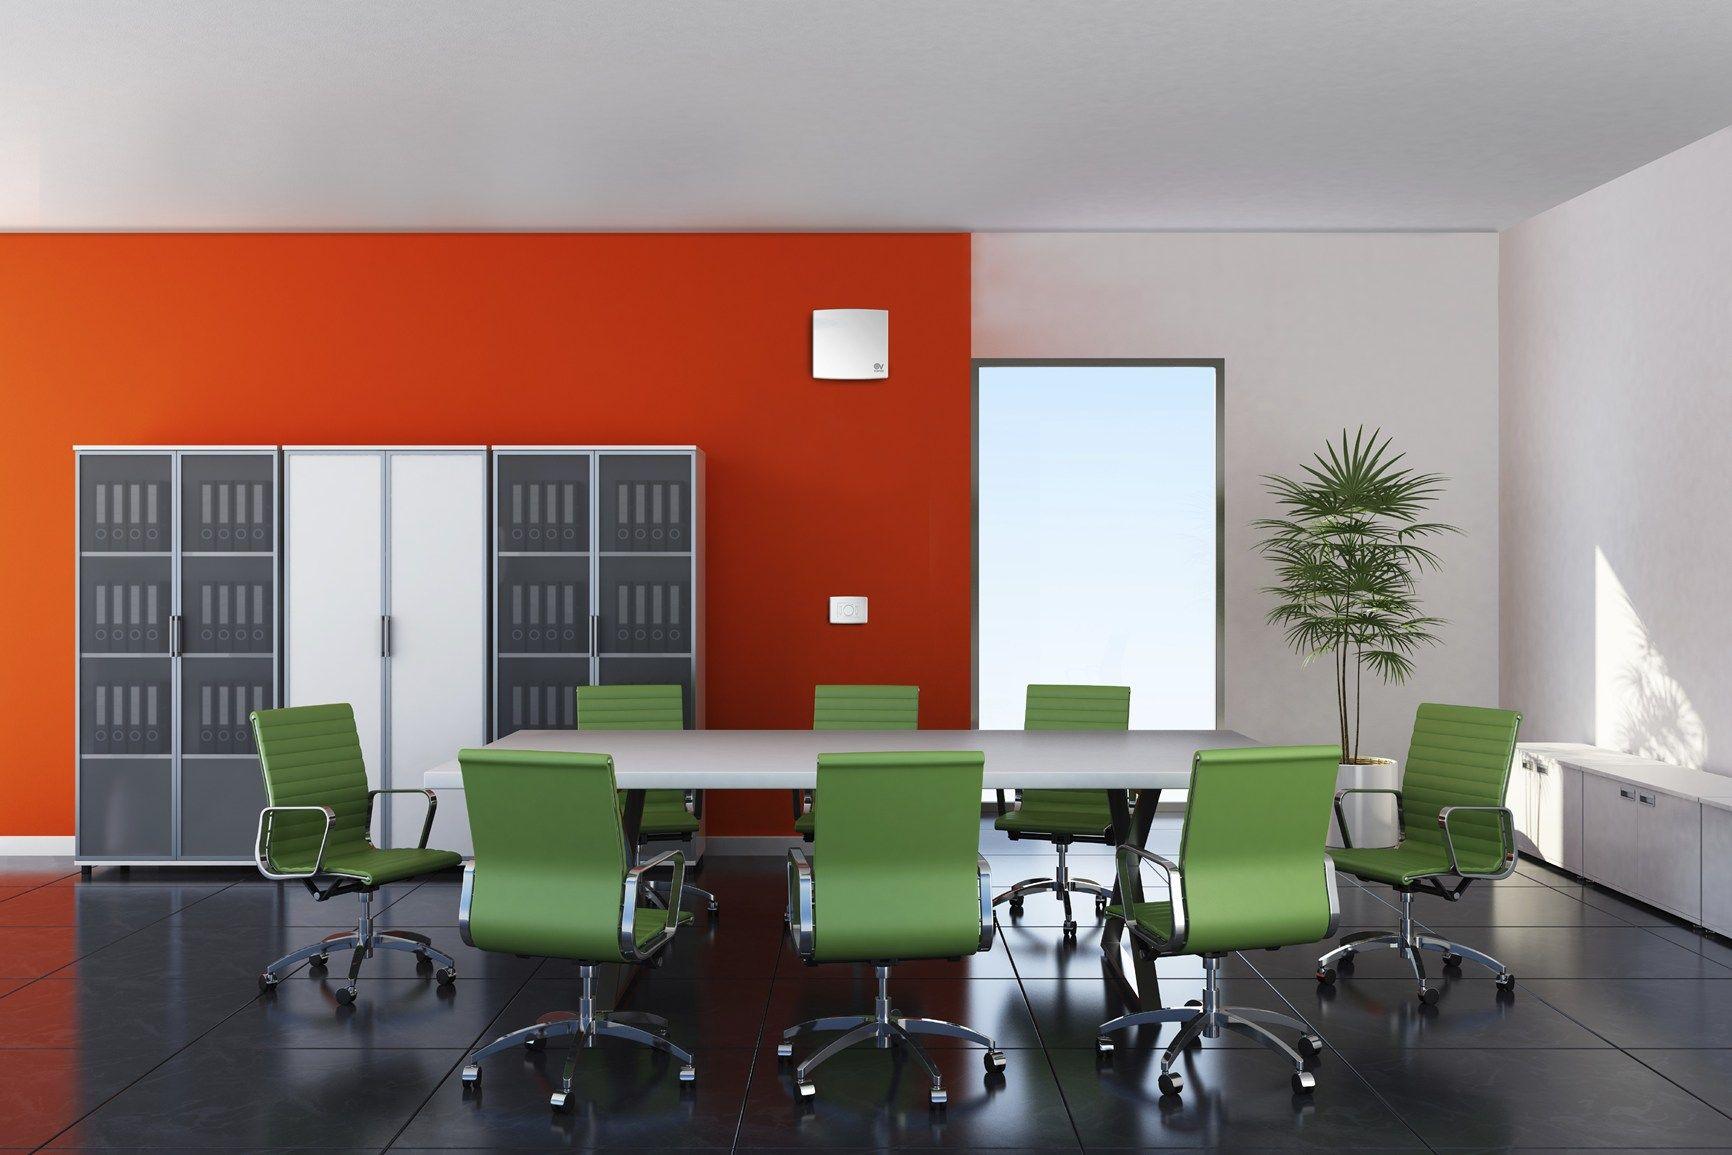 Vortice presenta i ventilatori da soffitto nordik decor - Finestre mobili pensioni ...